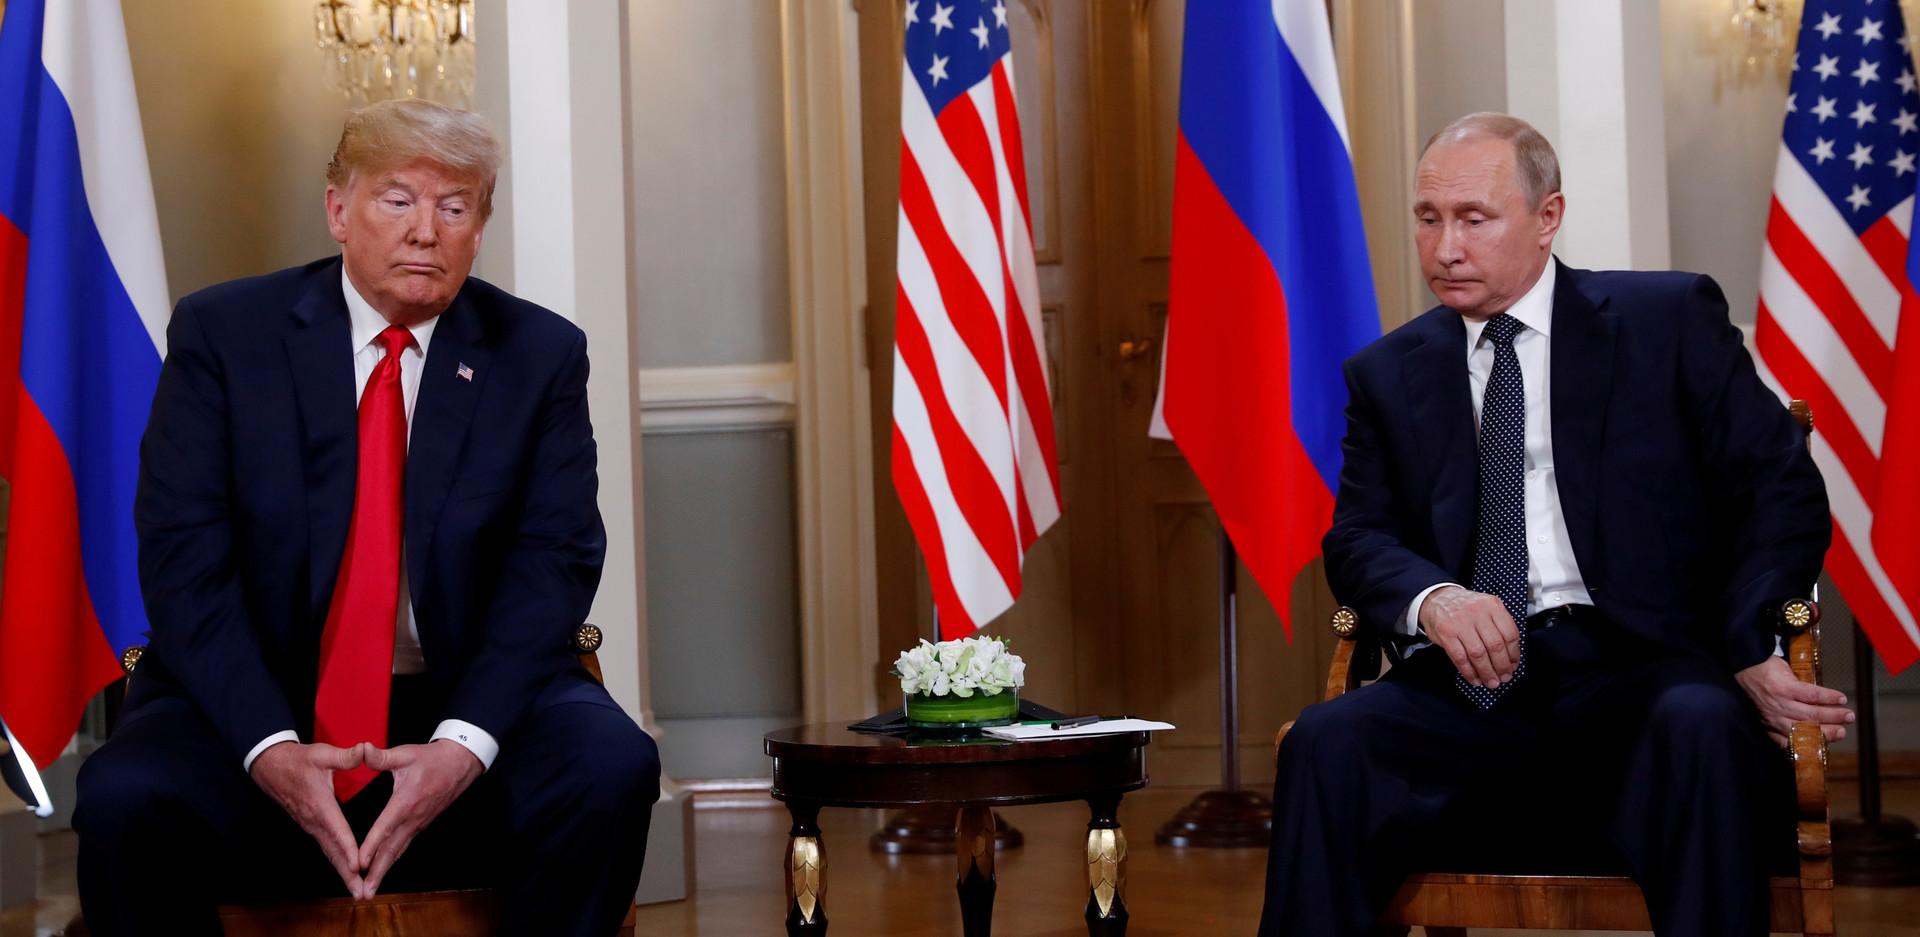 بوتين يضع أمريكا في مأزق